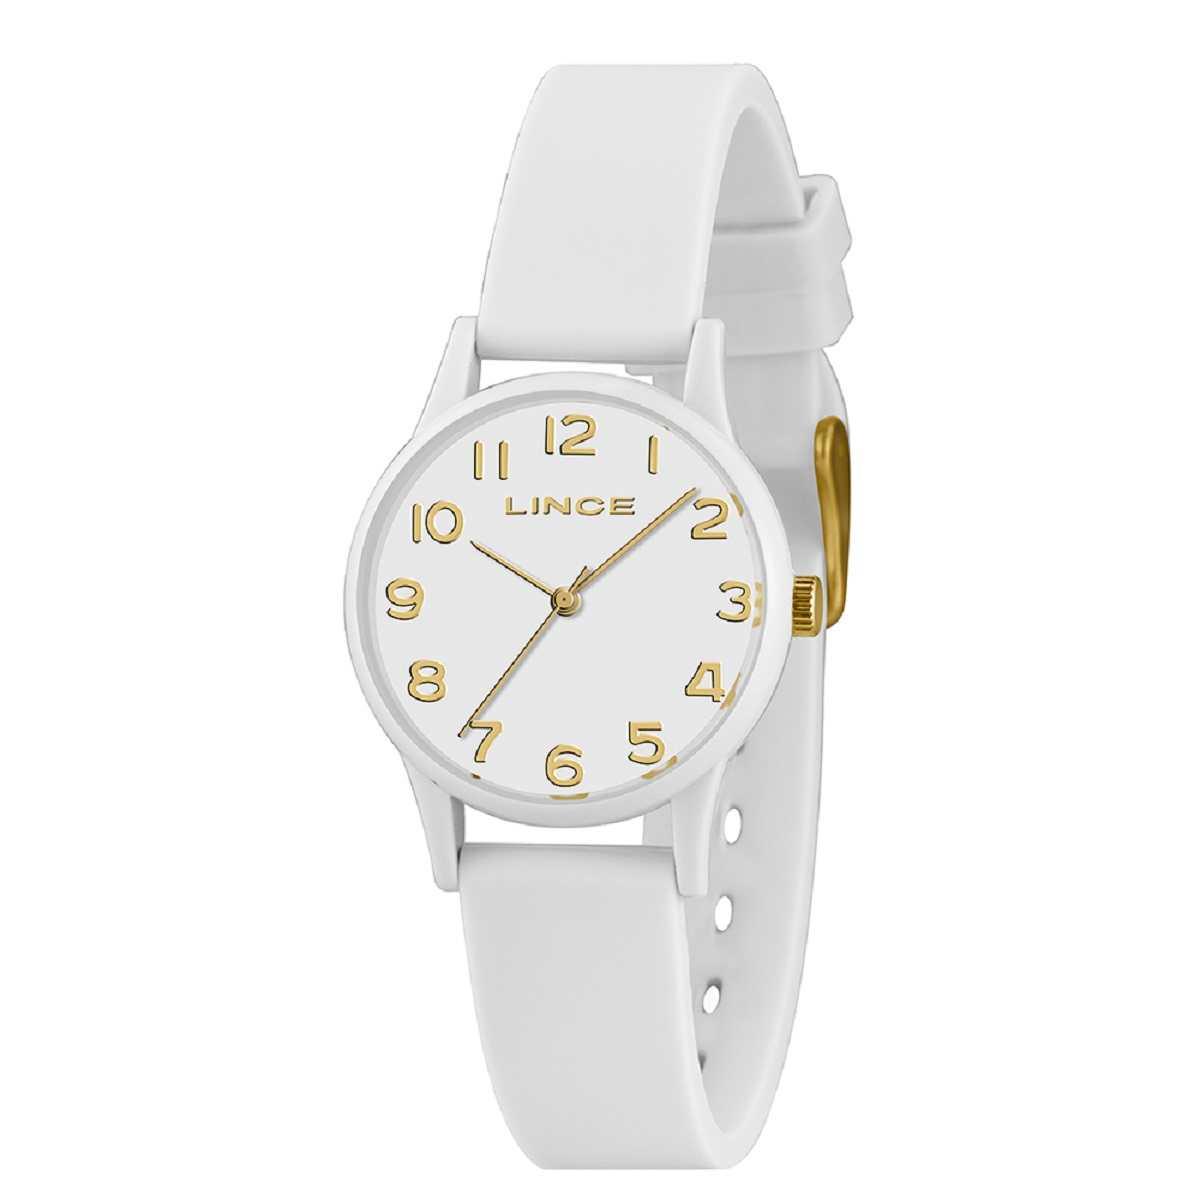 Relógio Feminino Lince Urban Branco Pulseira Silicone LRCJ102P B2BX